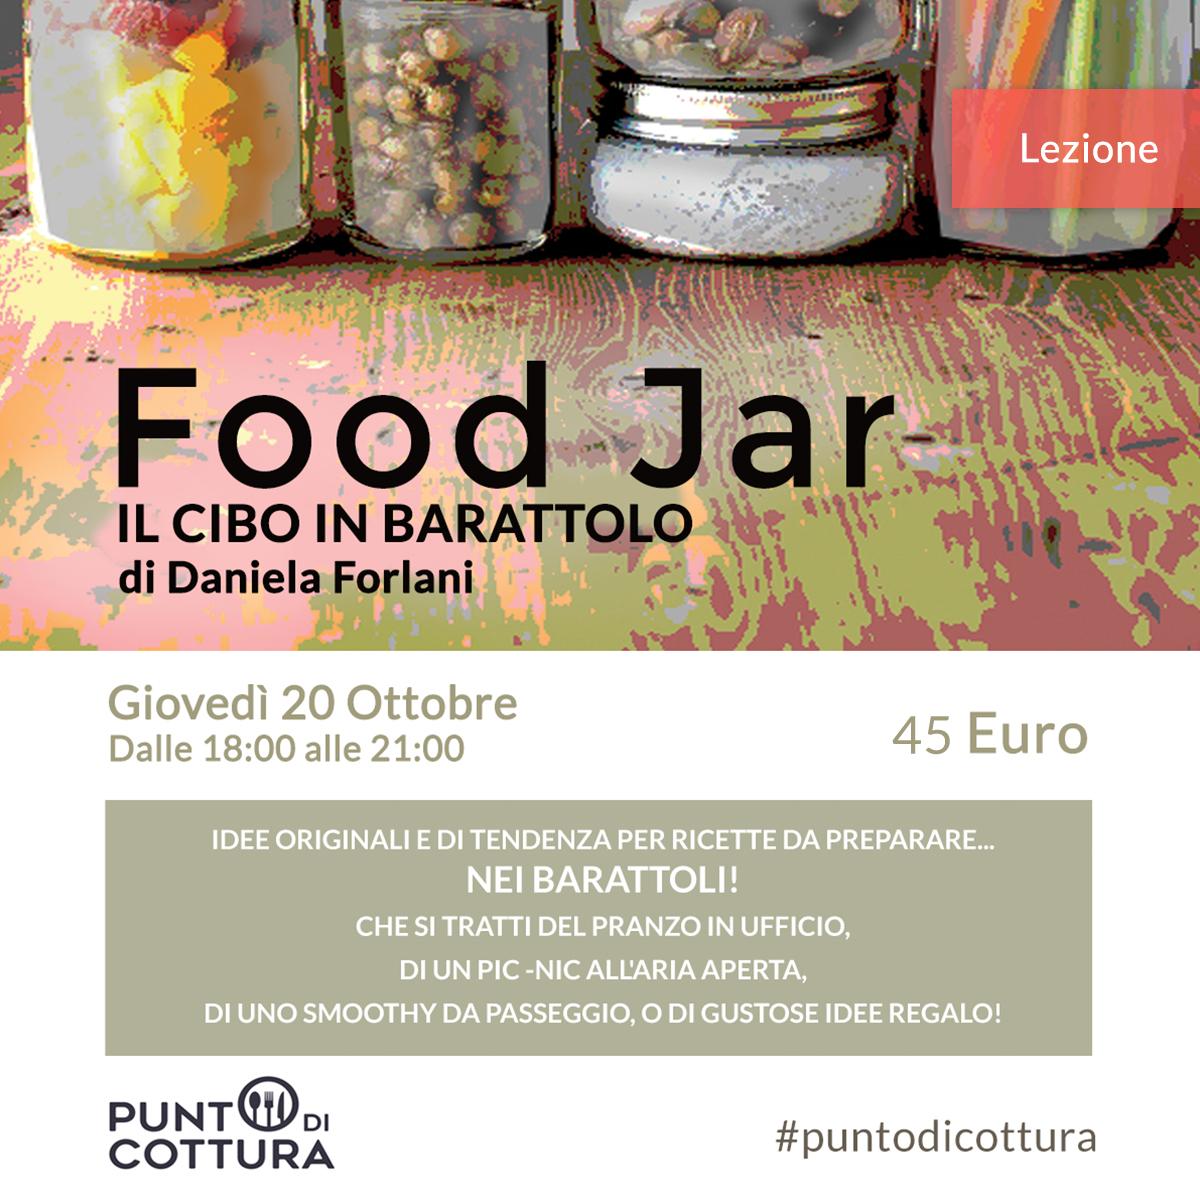 Food jar, il cibo in barattolo